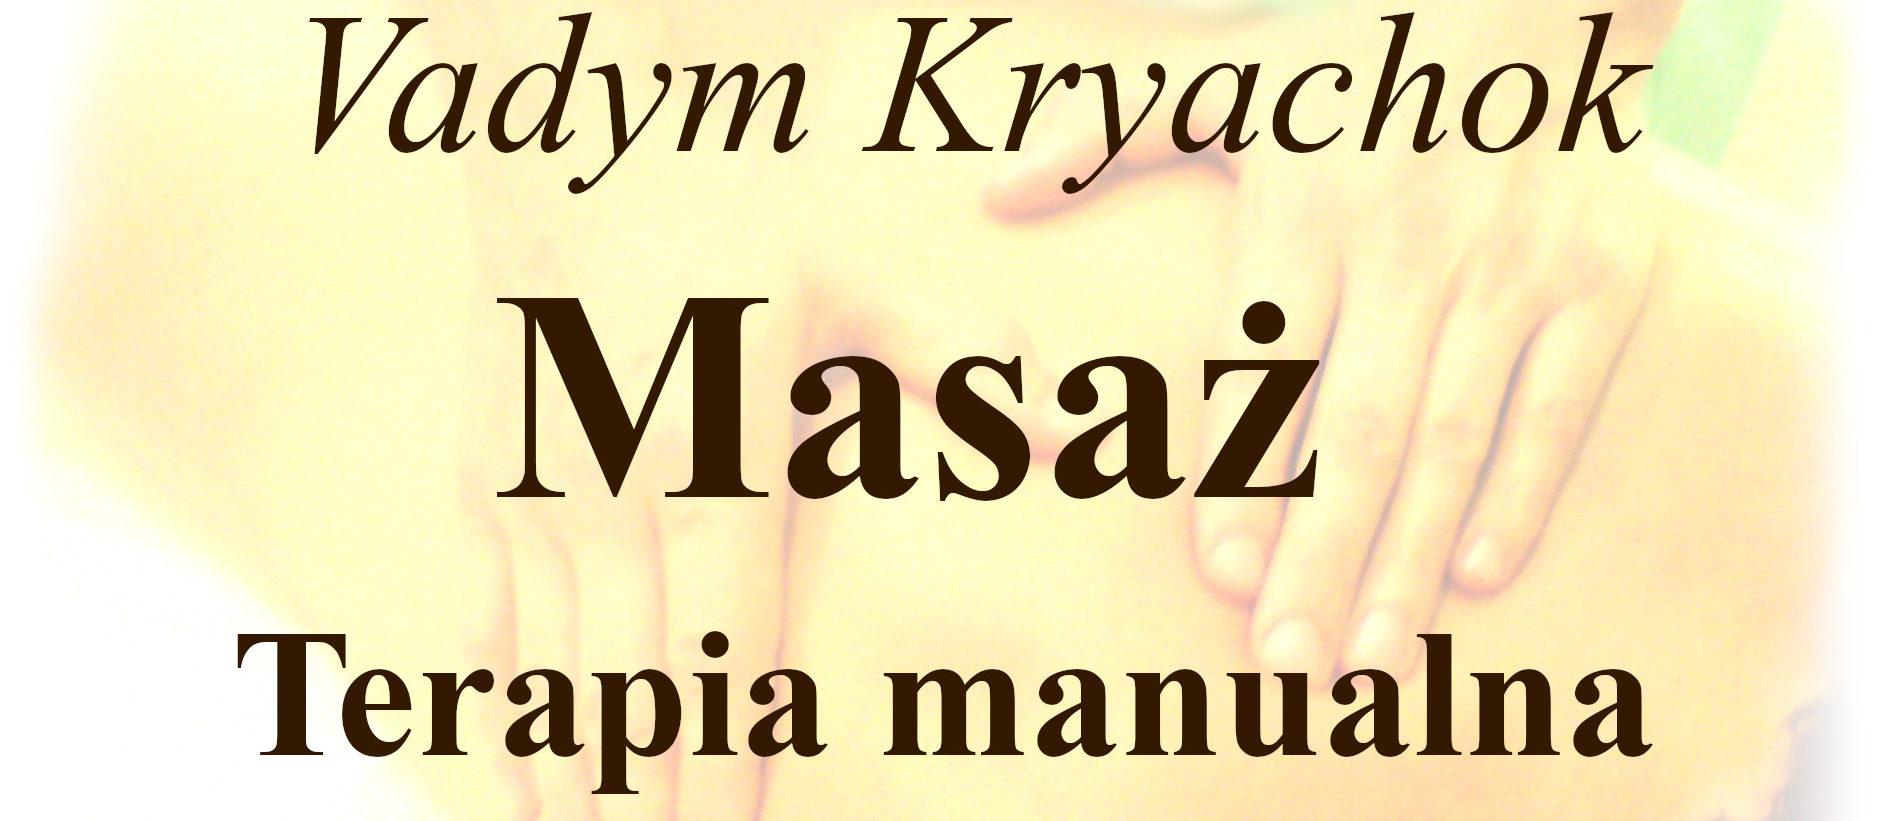 Masaż Łódź, Vadym Kryachok